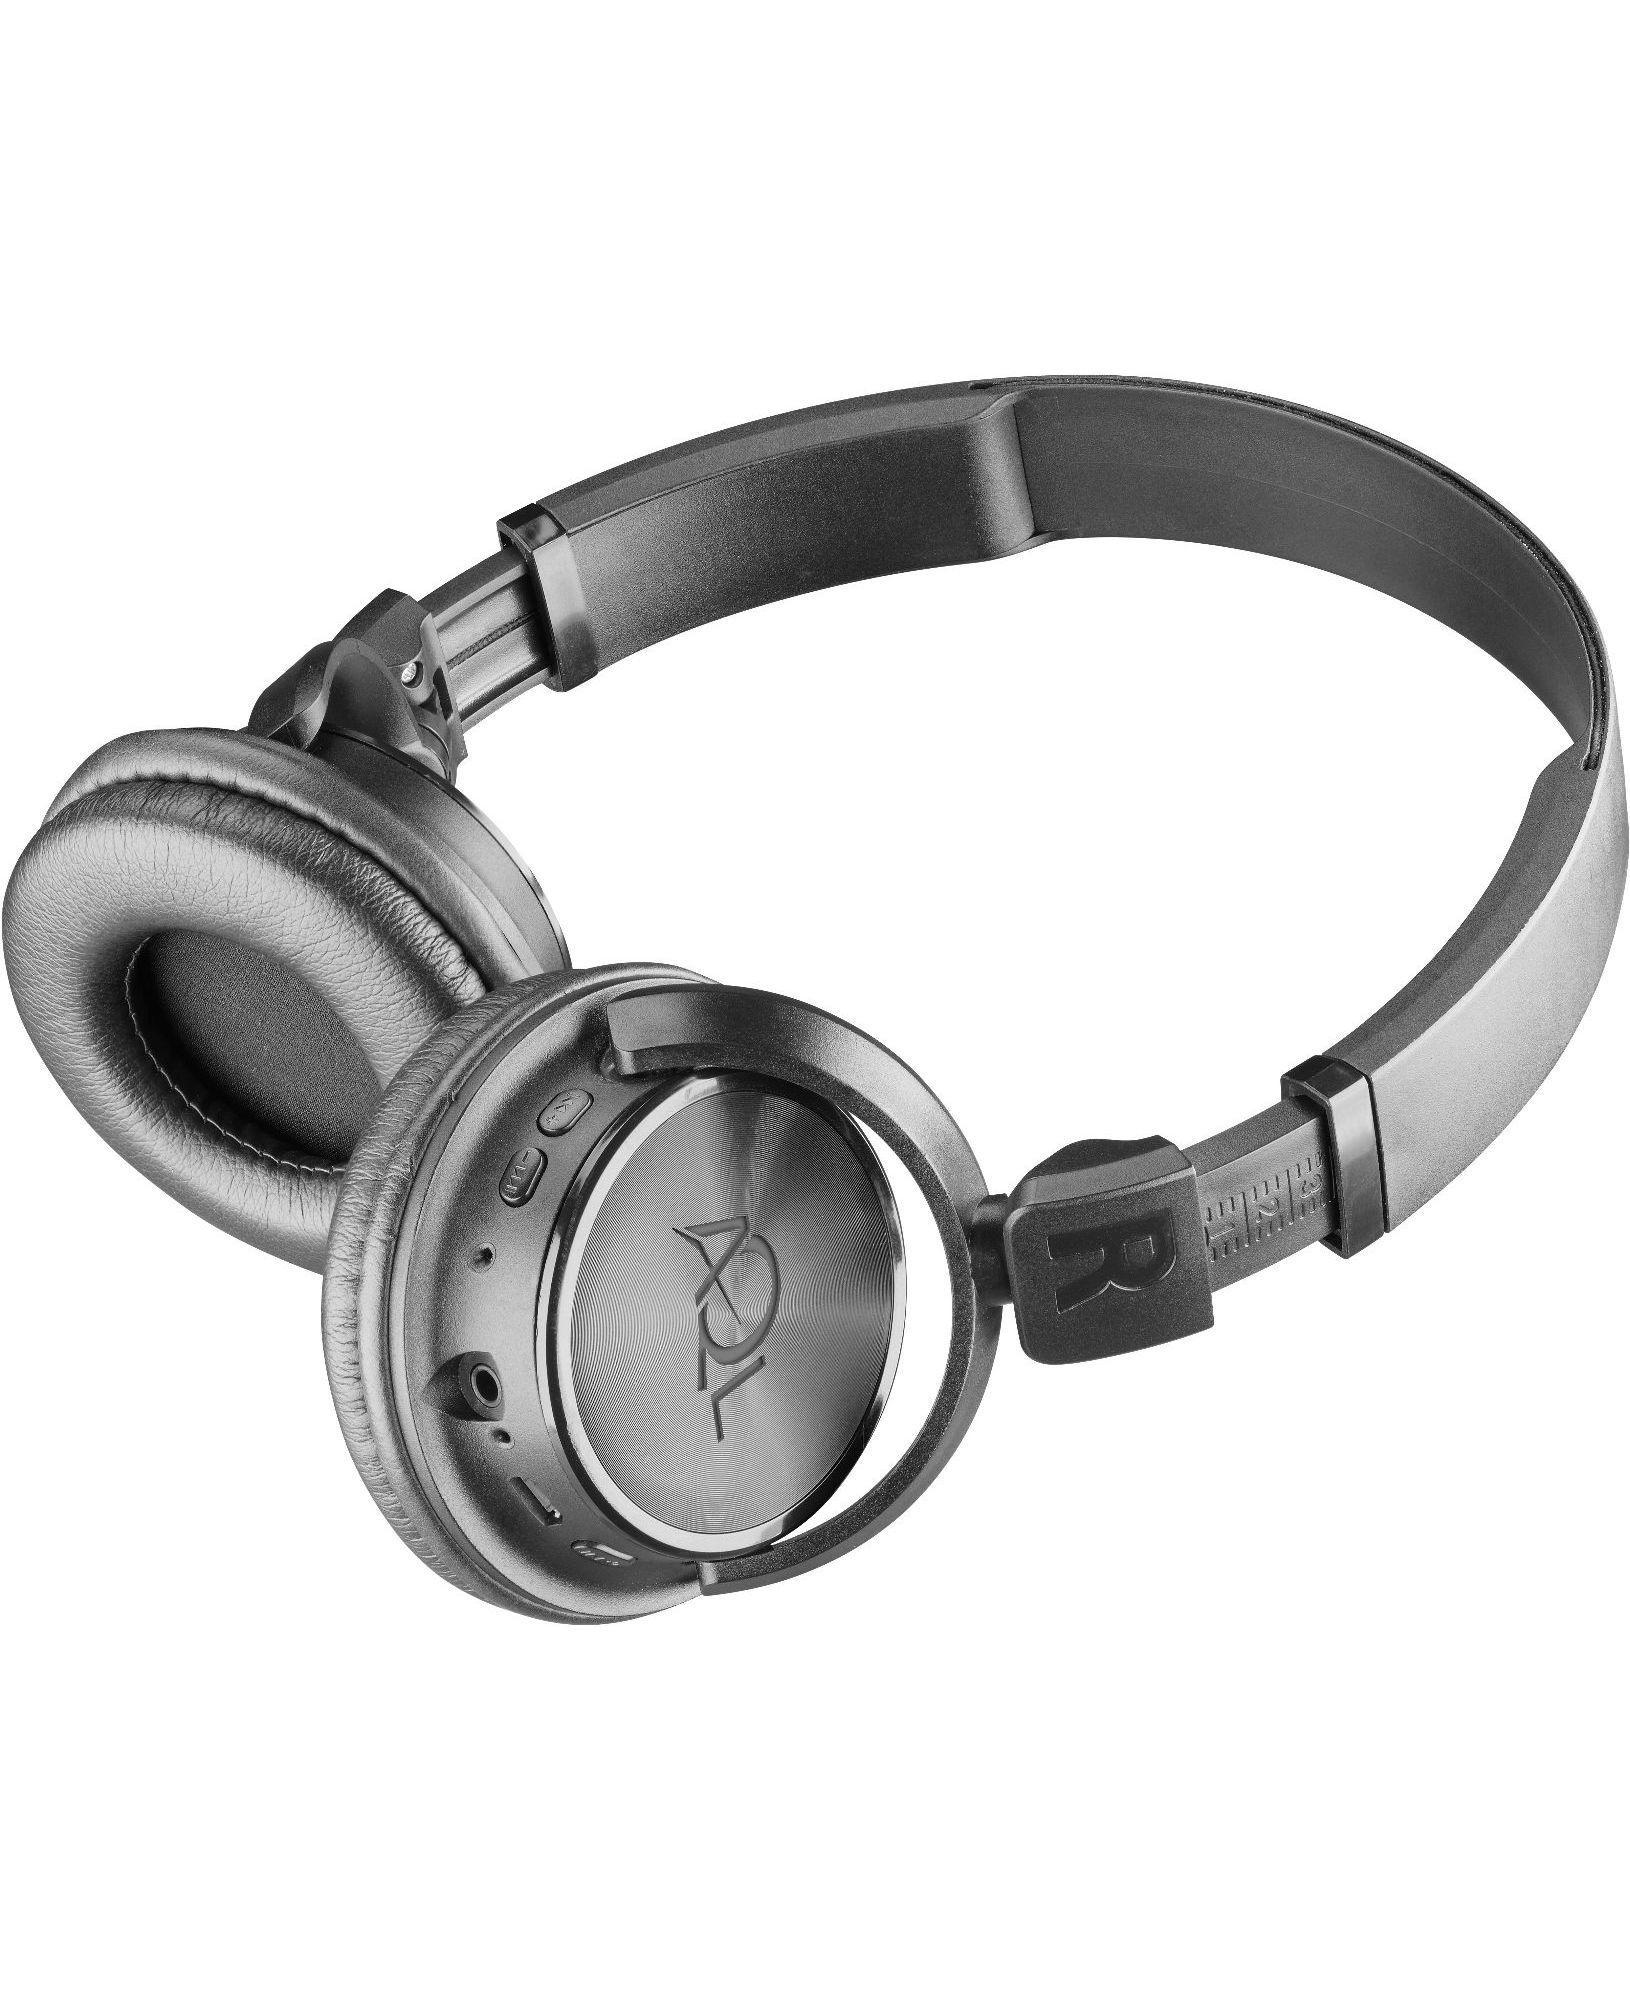 Cellularline Helios - Universale Cuffie Bluetooth con padiglioni pieghevoli e ultra leggeri